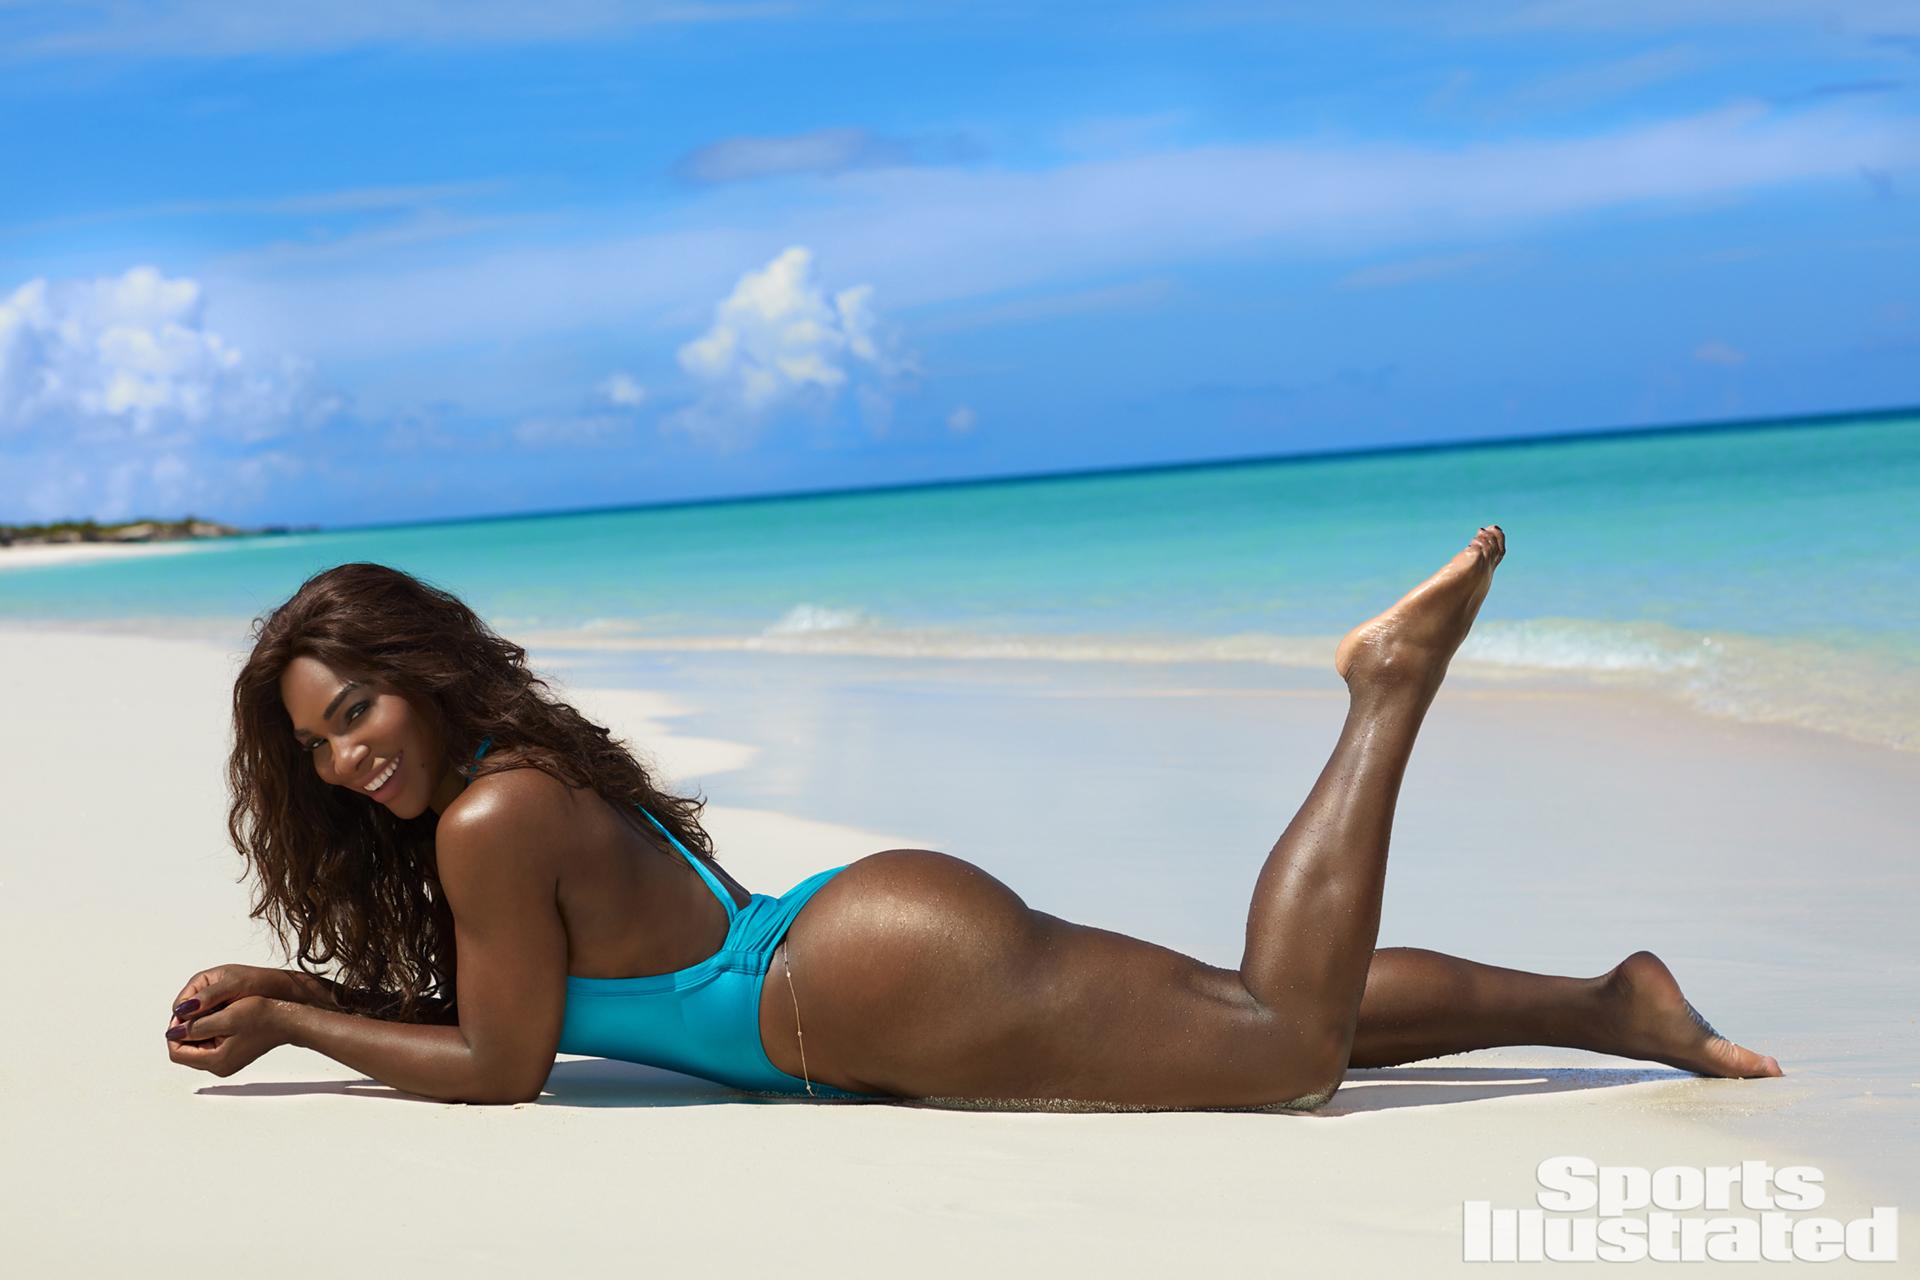 Серена Уильямс в фотосессии для Sports Illustrated